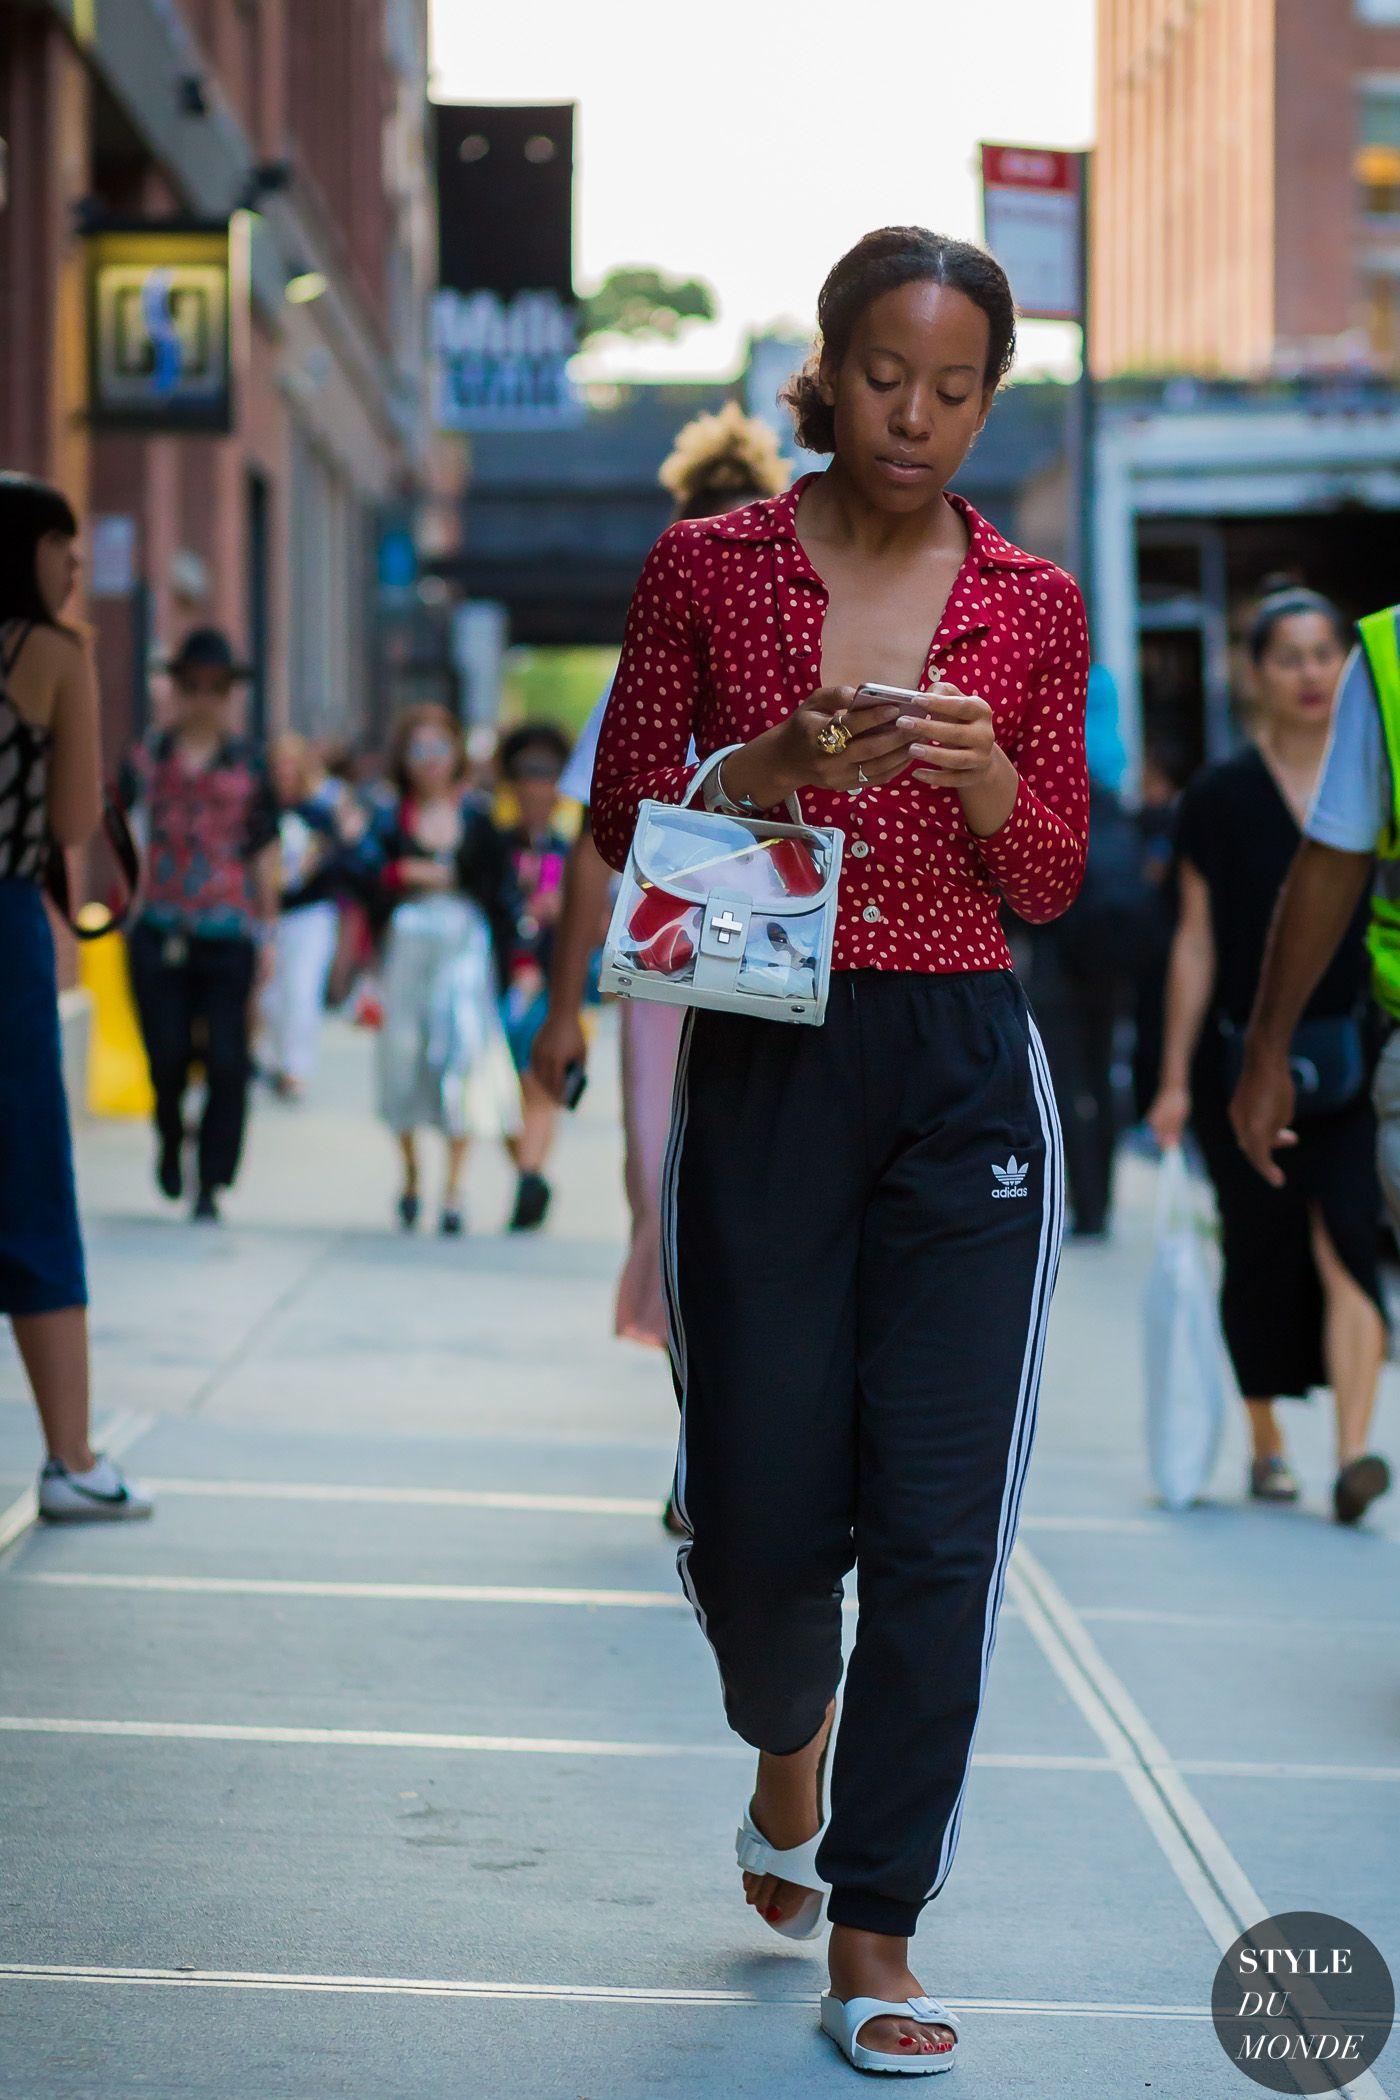 3b3f7112c5f marjon-carlos-by-styledumonde-street-style-fashion-photography